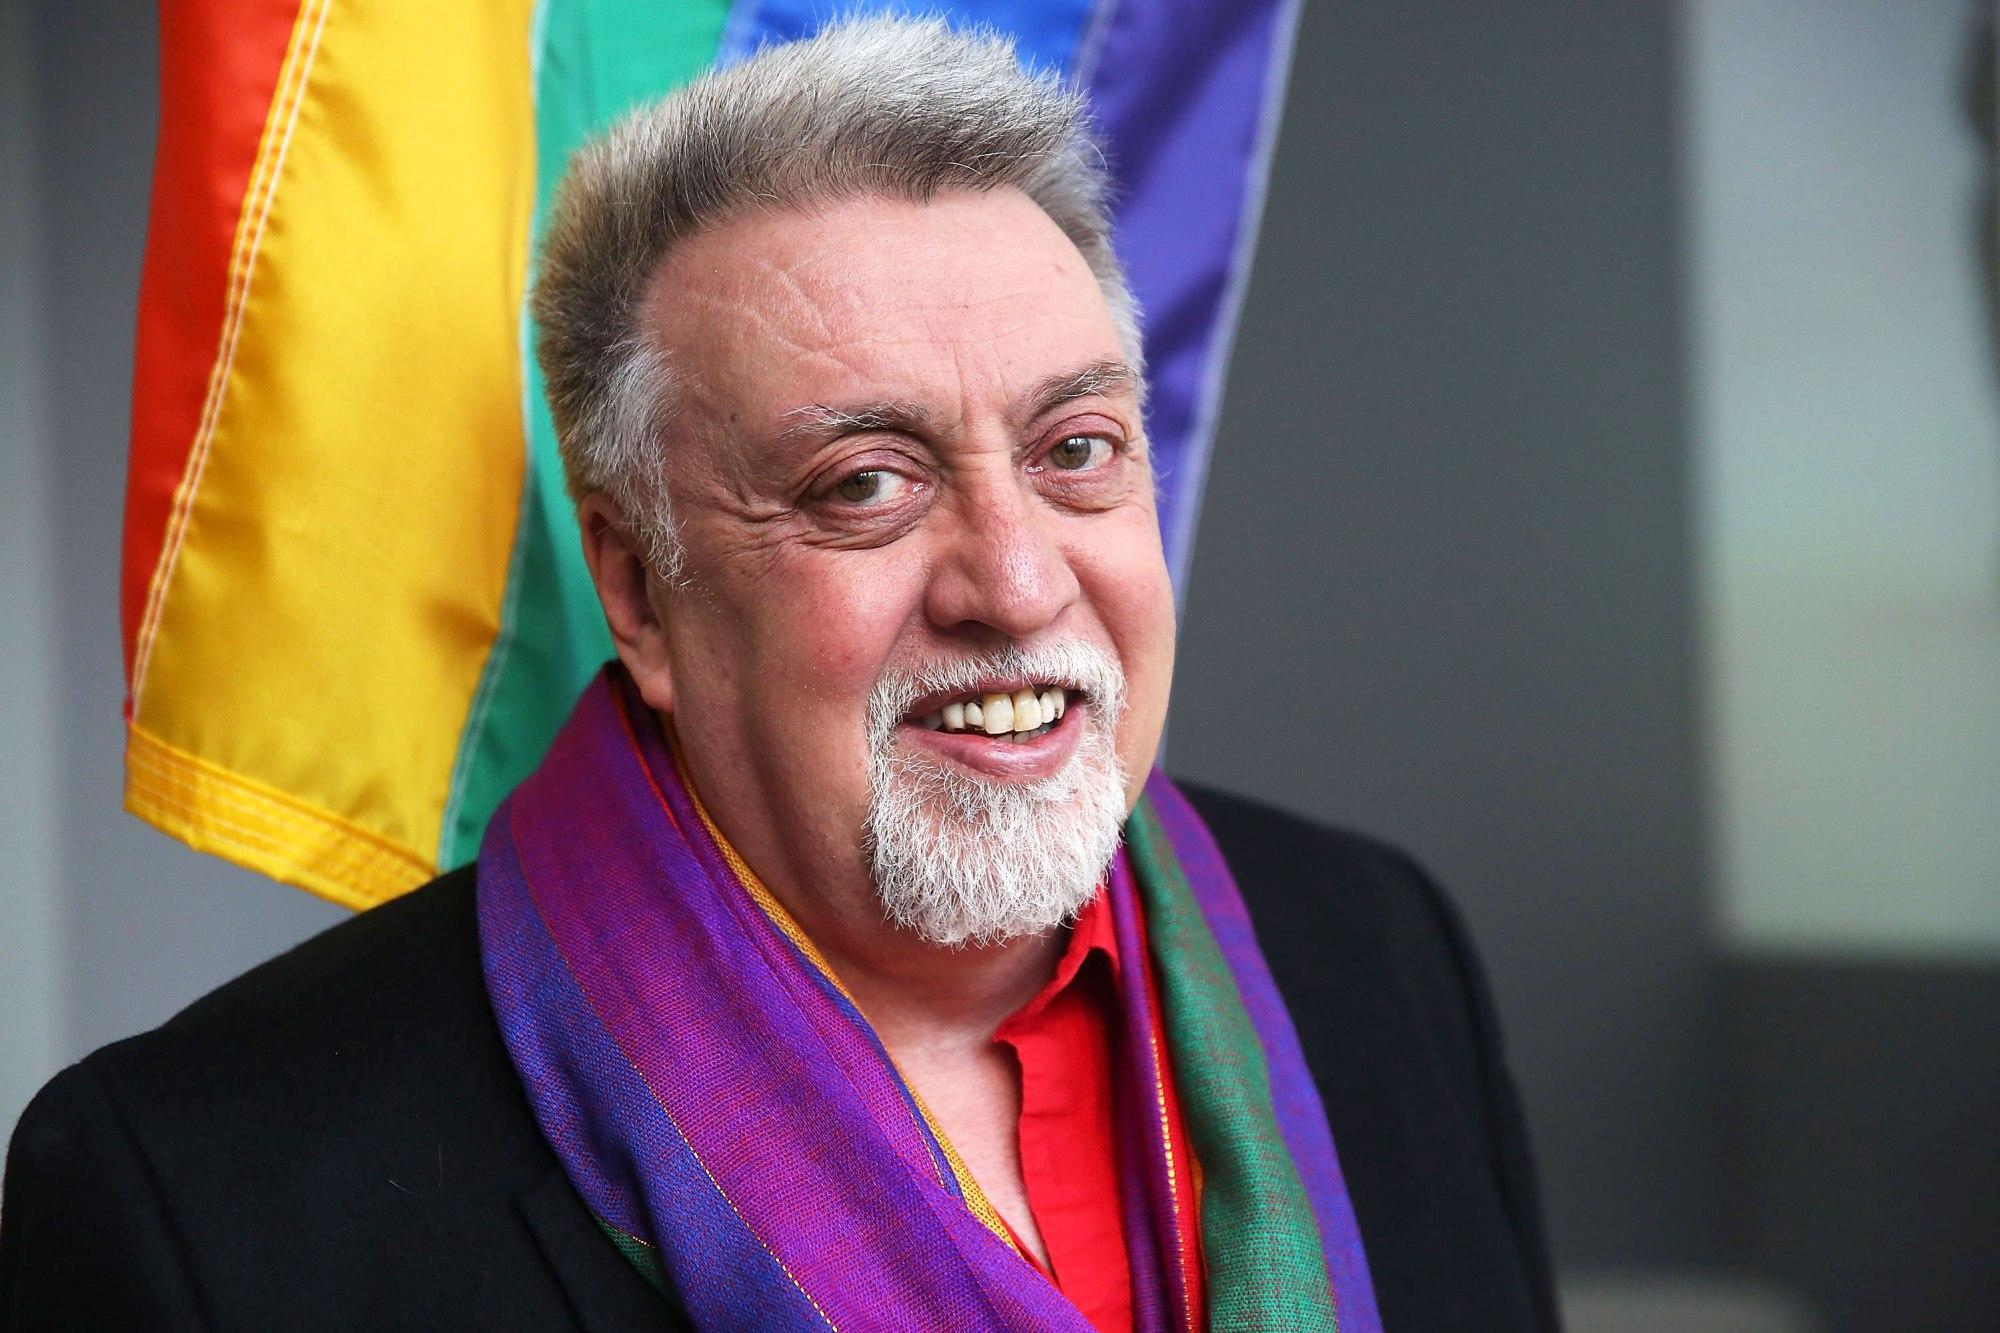 Gilbert Baker creador de la bandera LGBT